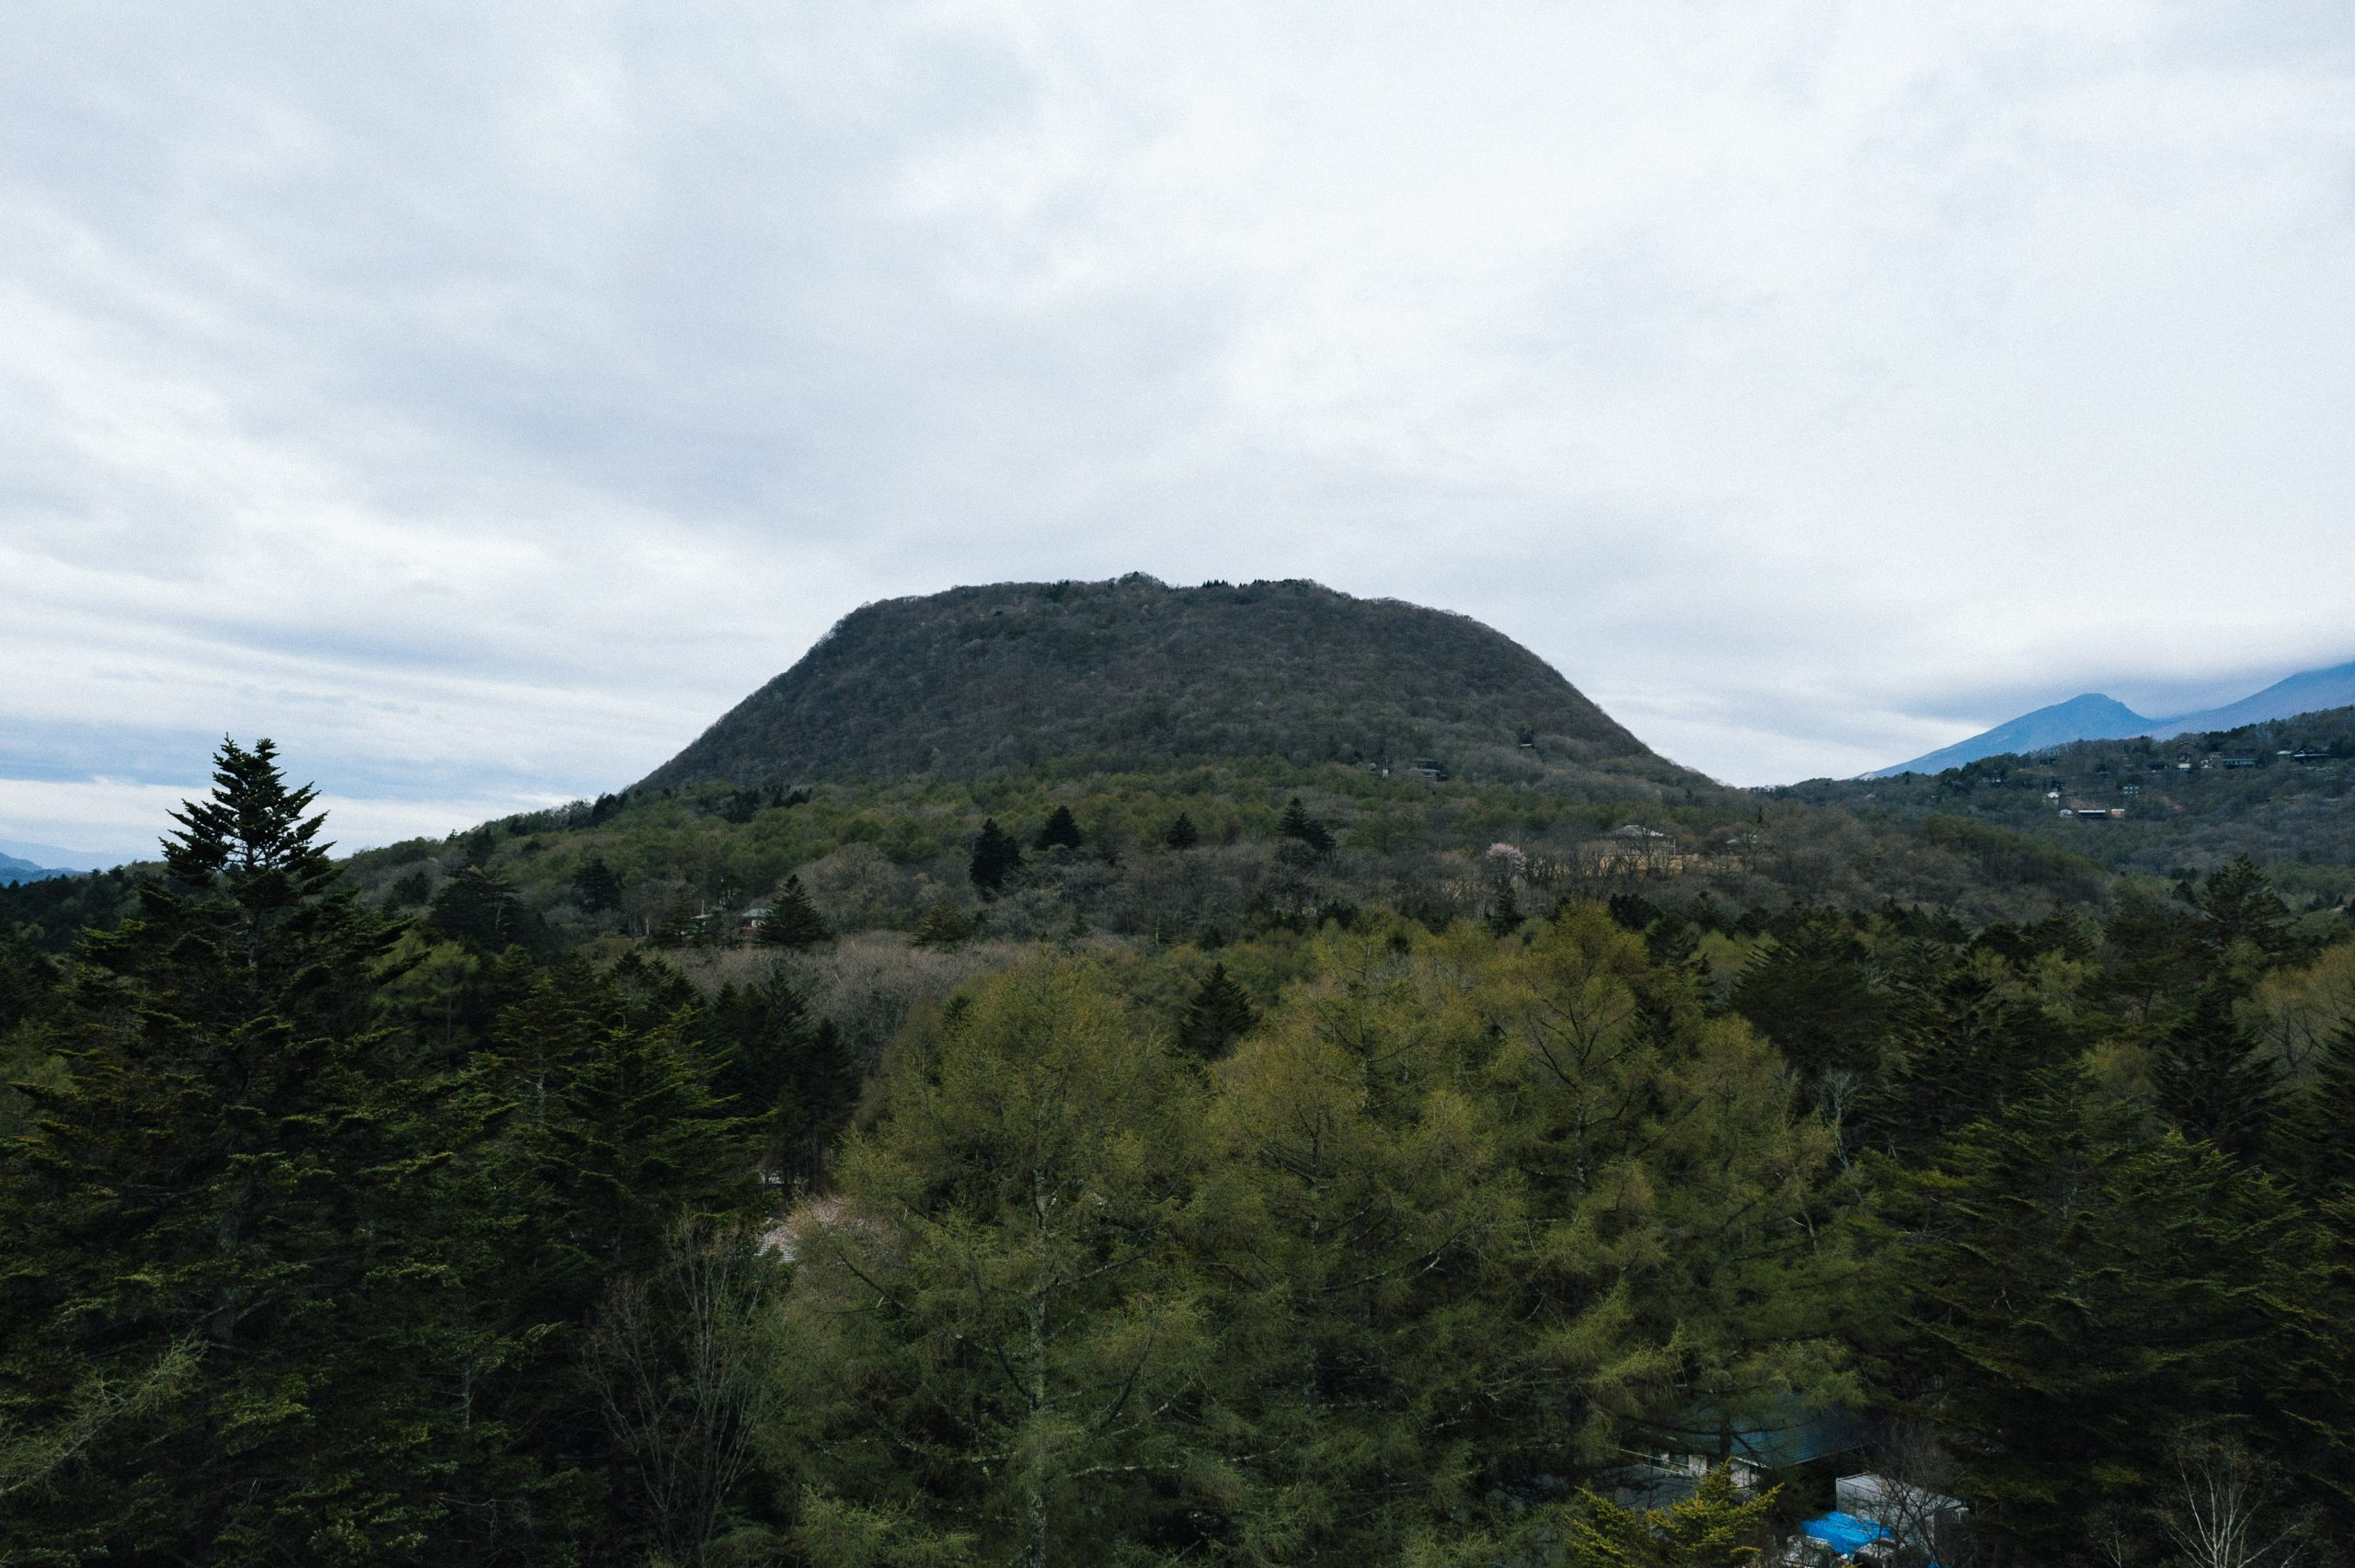 森の食用化を試みる実験 長野県 軽井沢町に位置する標高1256mの側火山、離山(はなれやま)。頂部が比較的平らであるためテーブルマウンテンともよばれるこの山は明治以来の植林によって覆いつくされている。「木(食)人」は、その山を管理する過程で採られる軽井沢の木々を研究し、食べられる形に変える木食専門ブランドです。